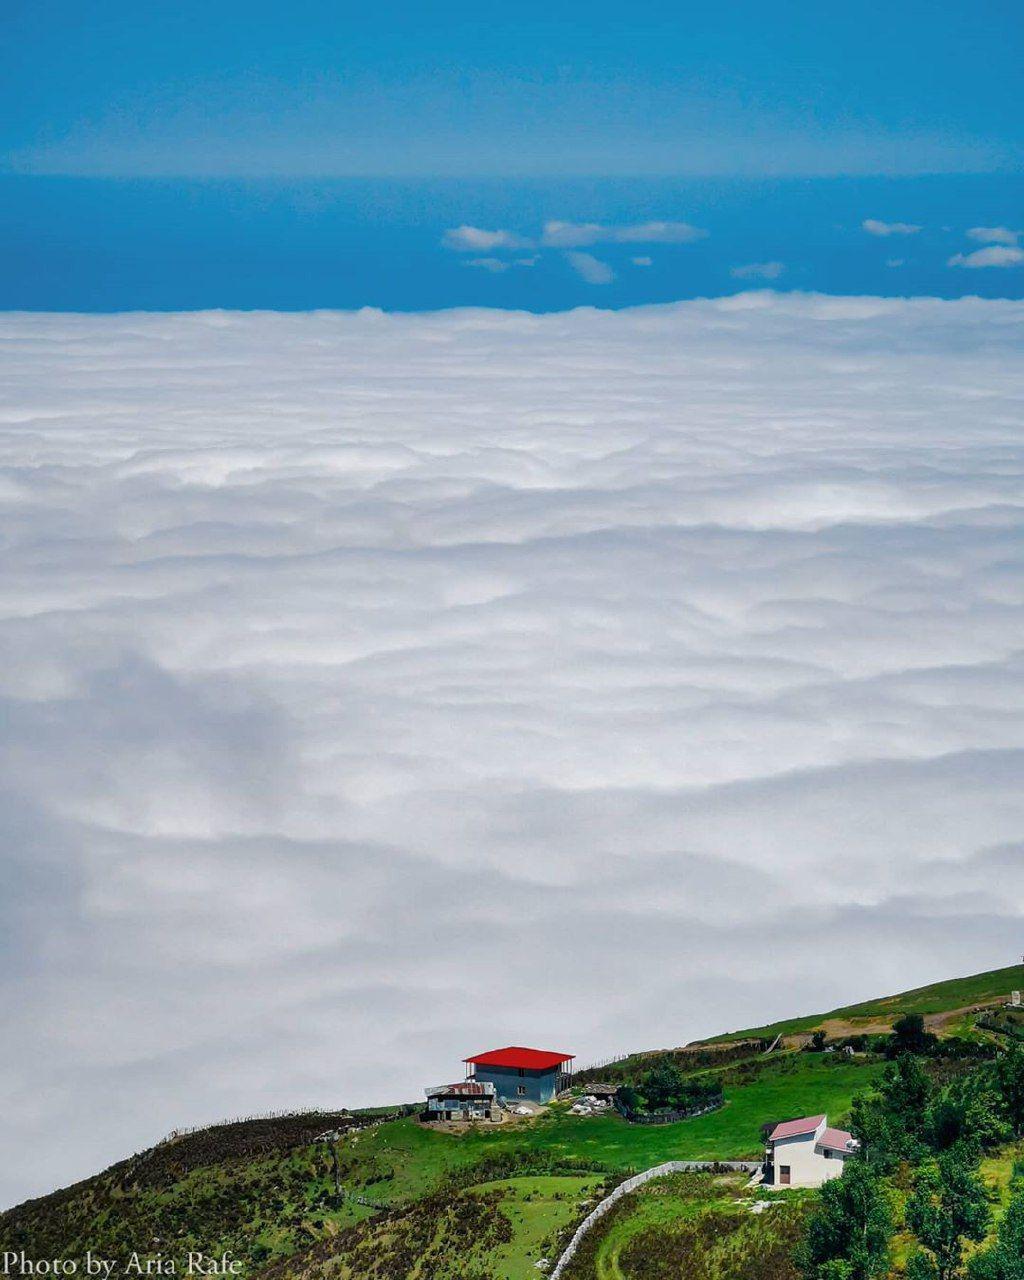 دریای ابر در ارتفاعات فیلبند مازندران